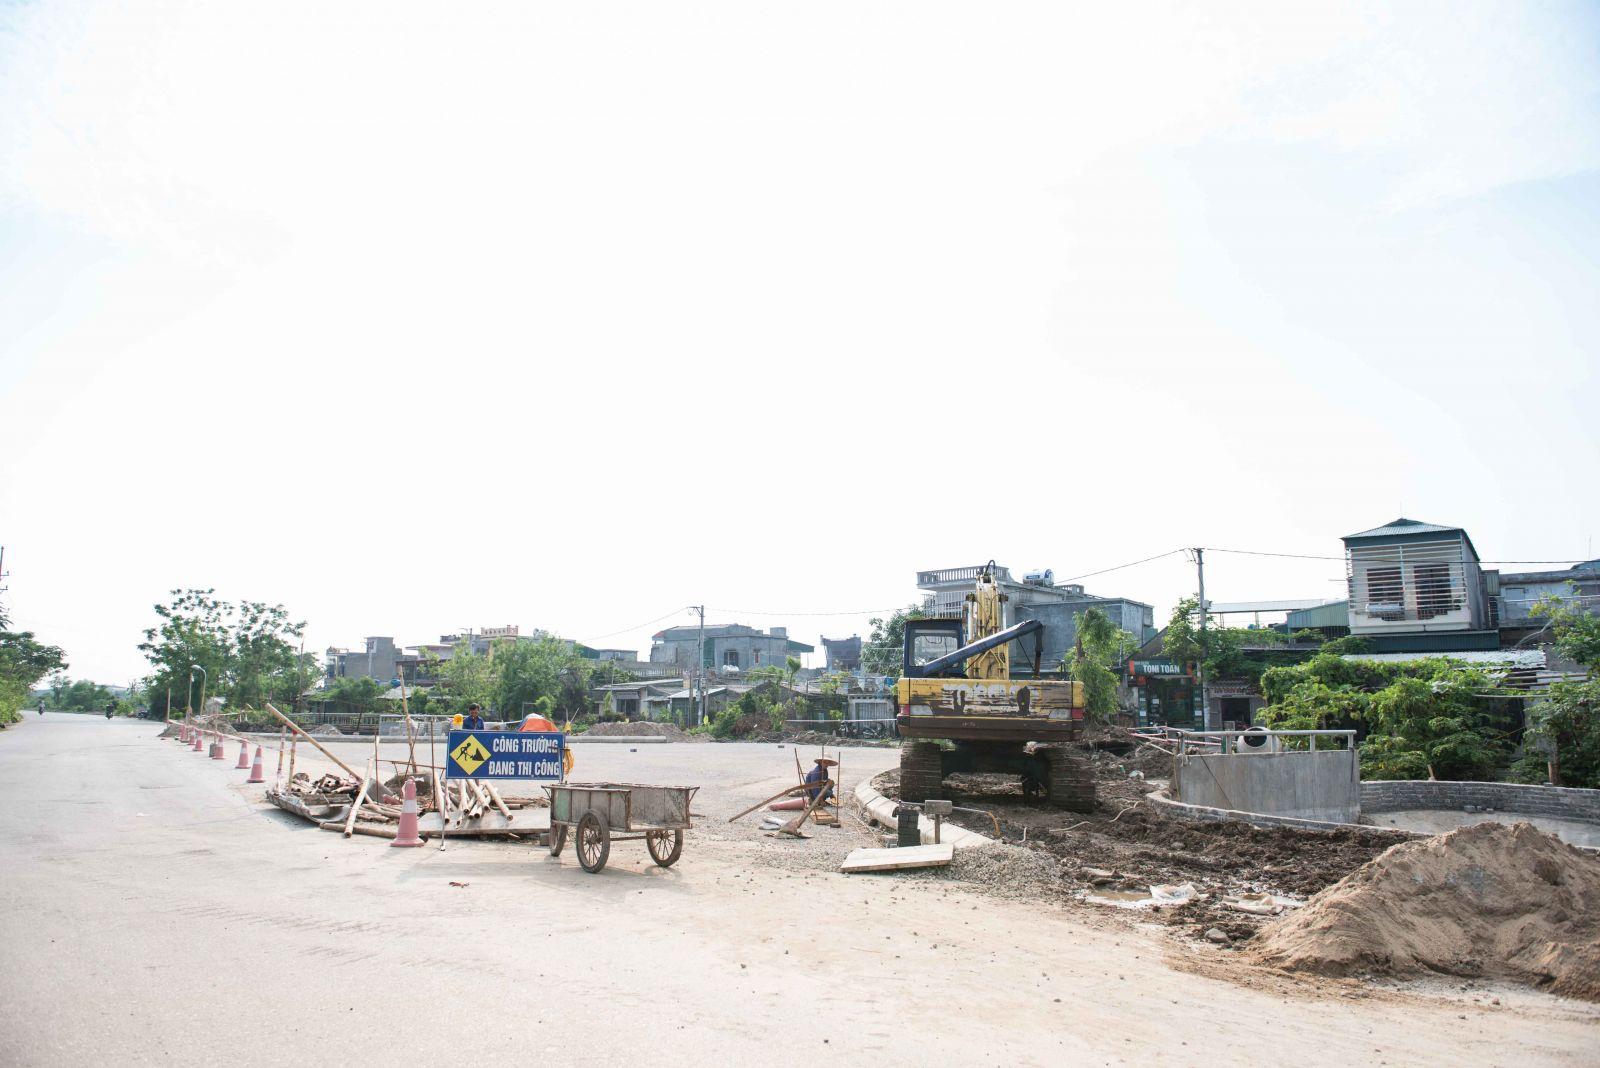 Nút giao Trần Thủ Độ Kỳ Đồng Thái Bình Dragon city 2